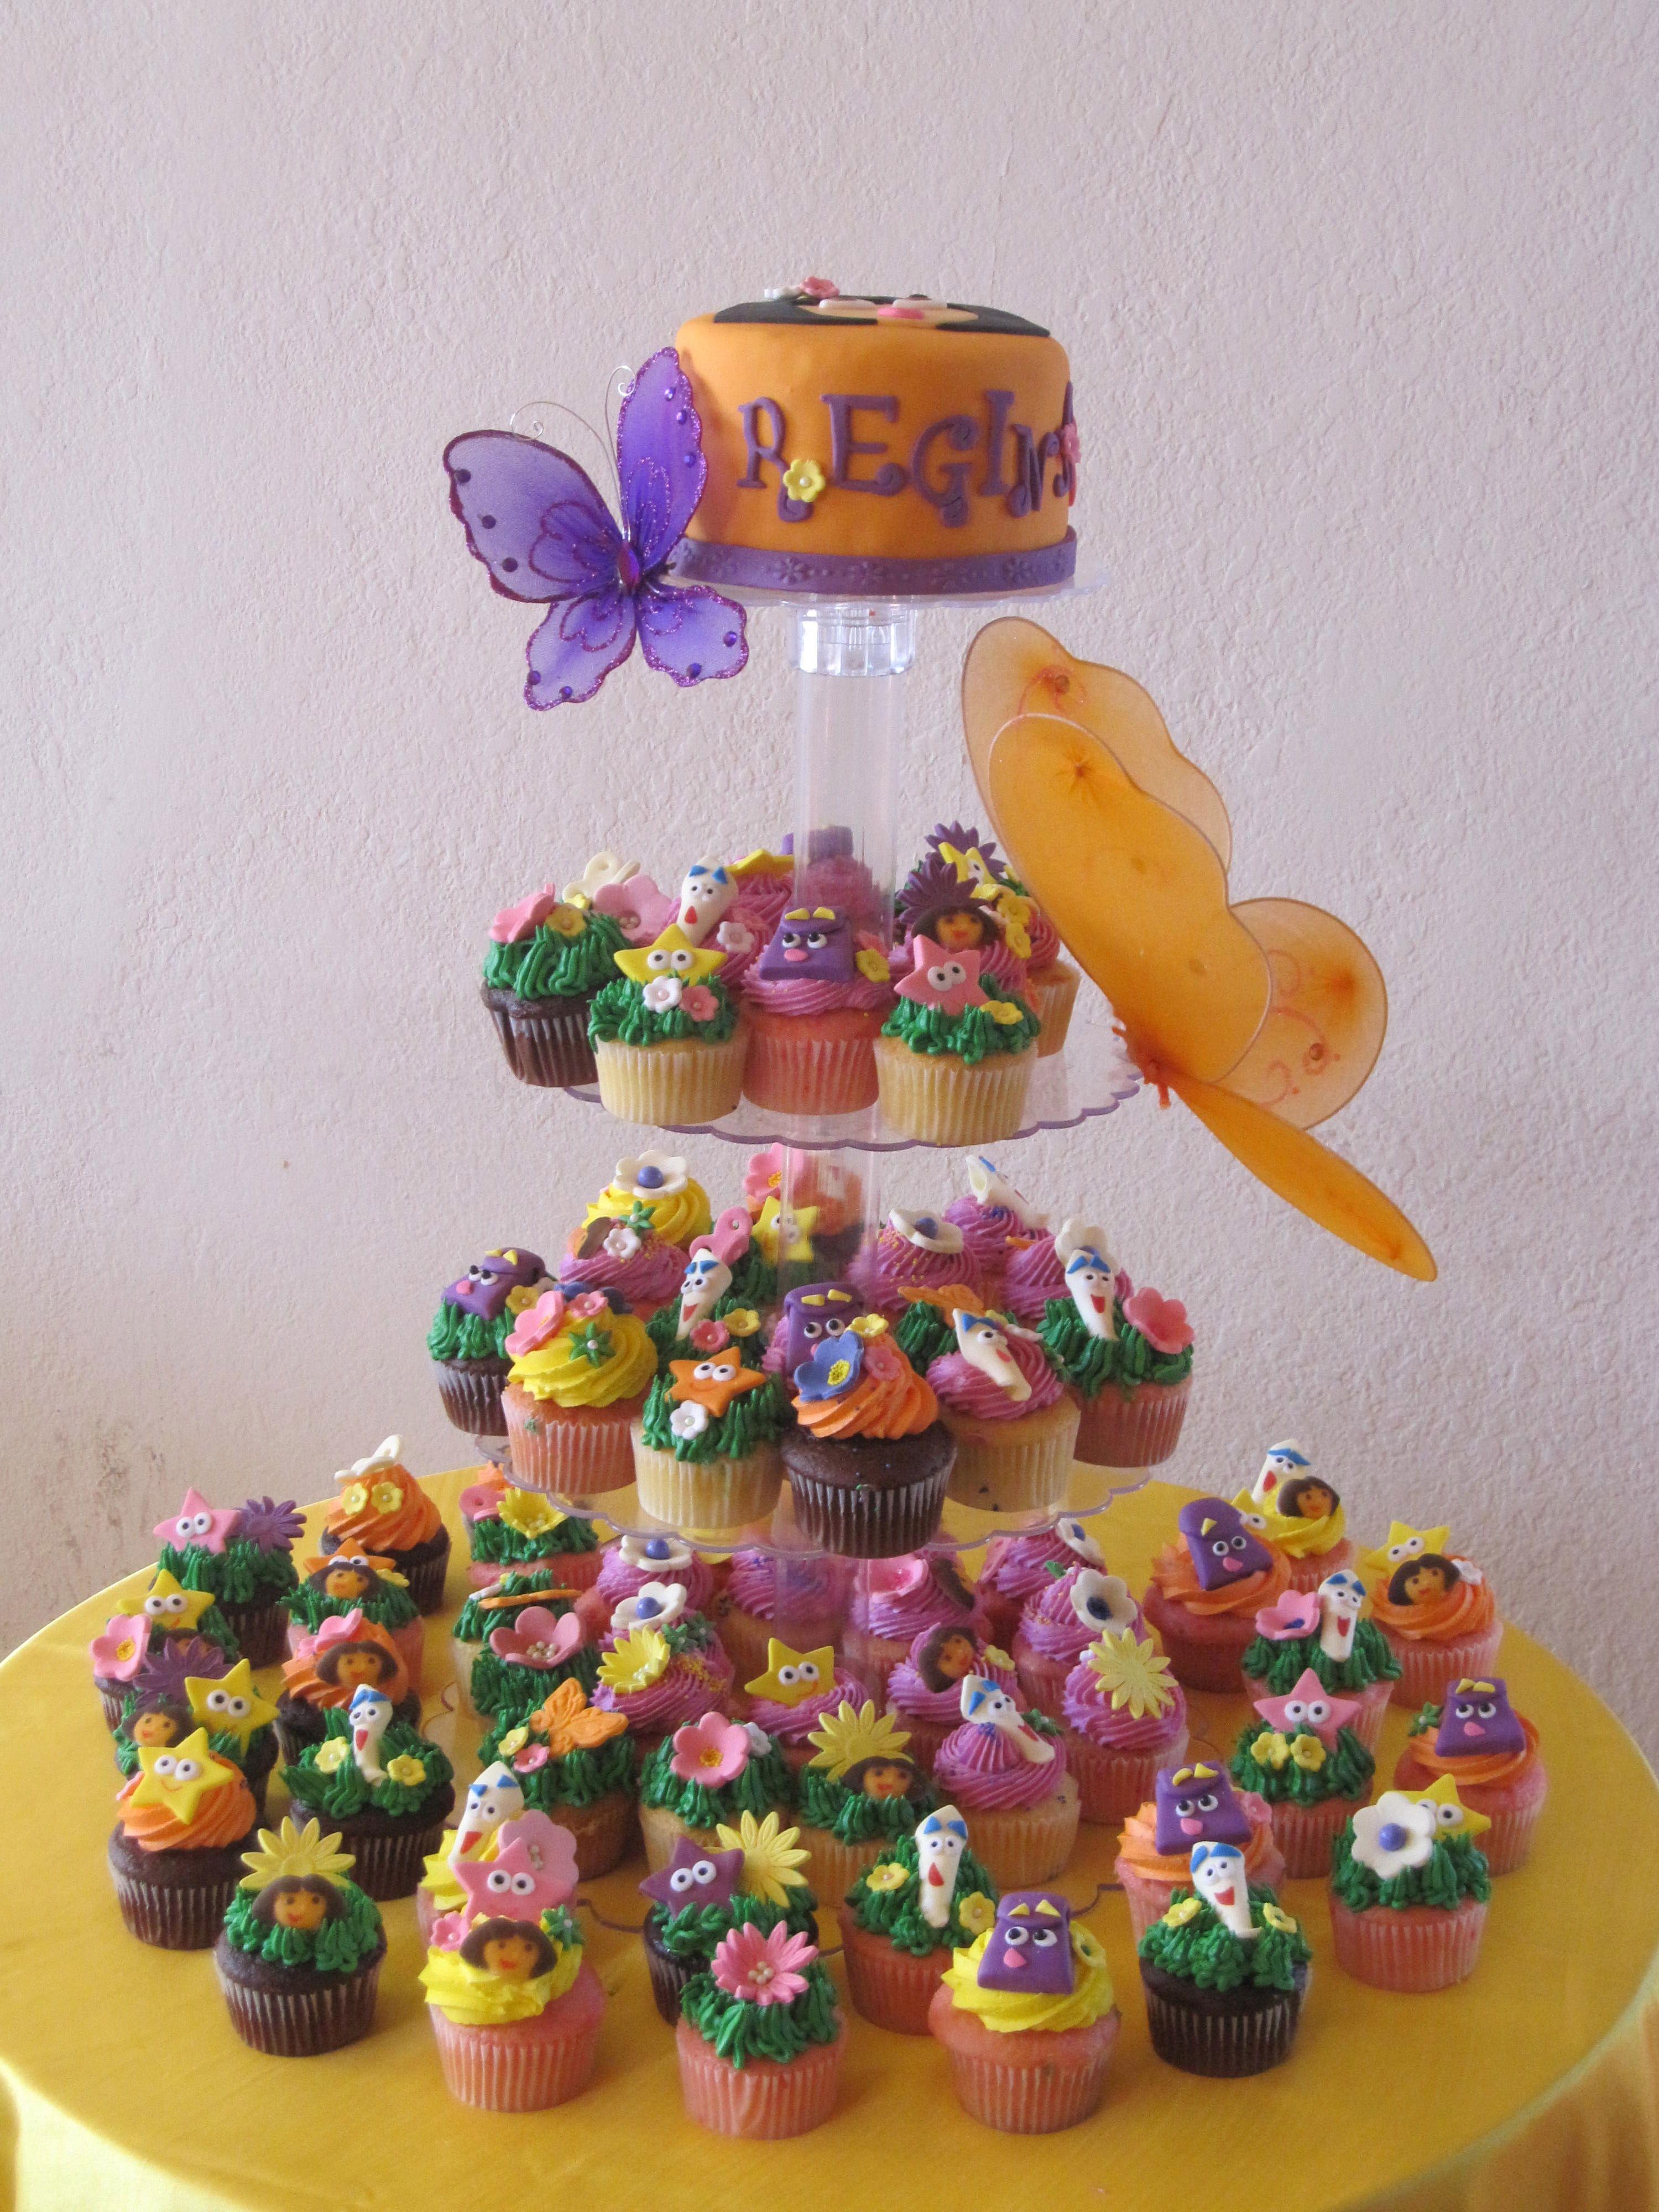 dora the explorer cakes birthday Dora The Explorer Cupcake Tower